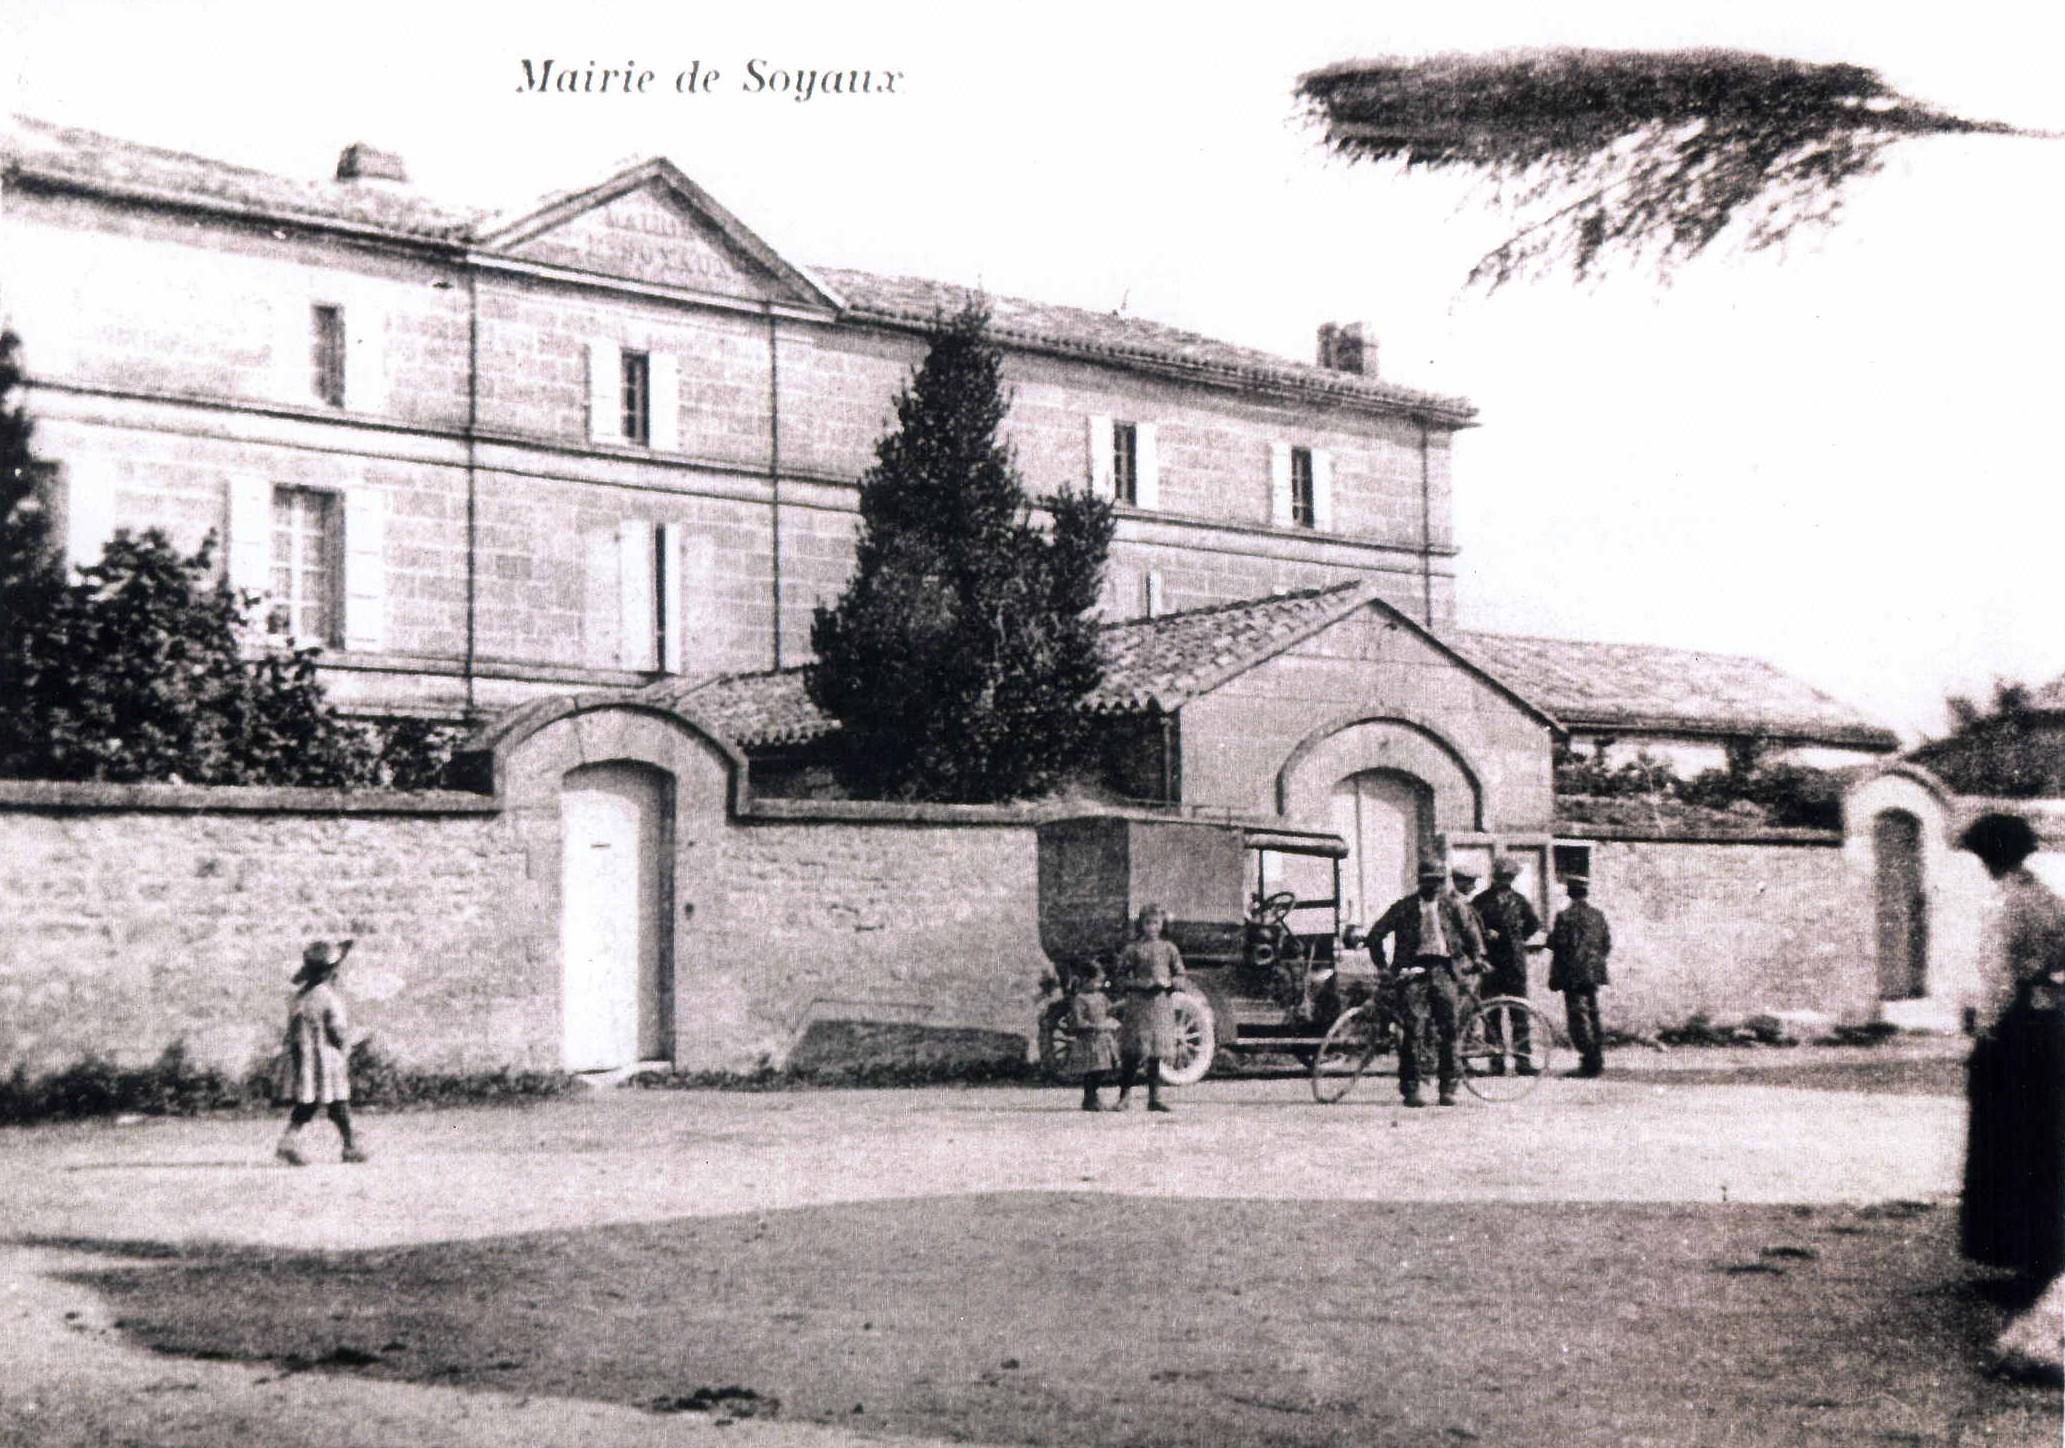 ancienne mairie de Soyaux des années 1870